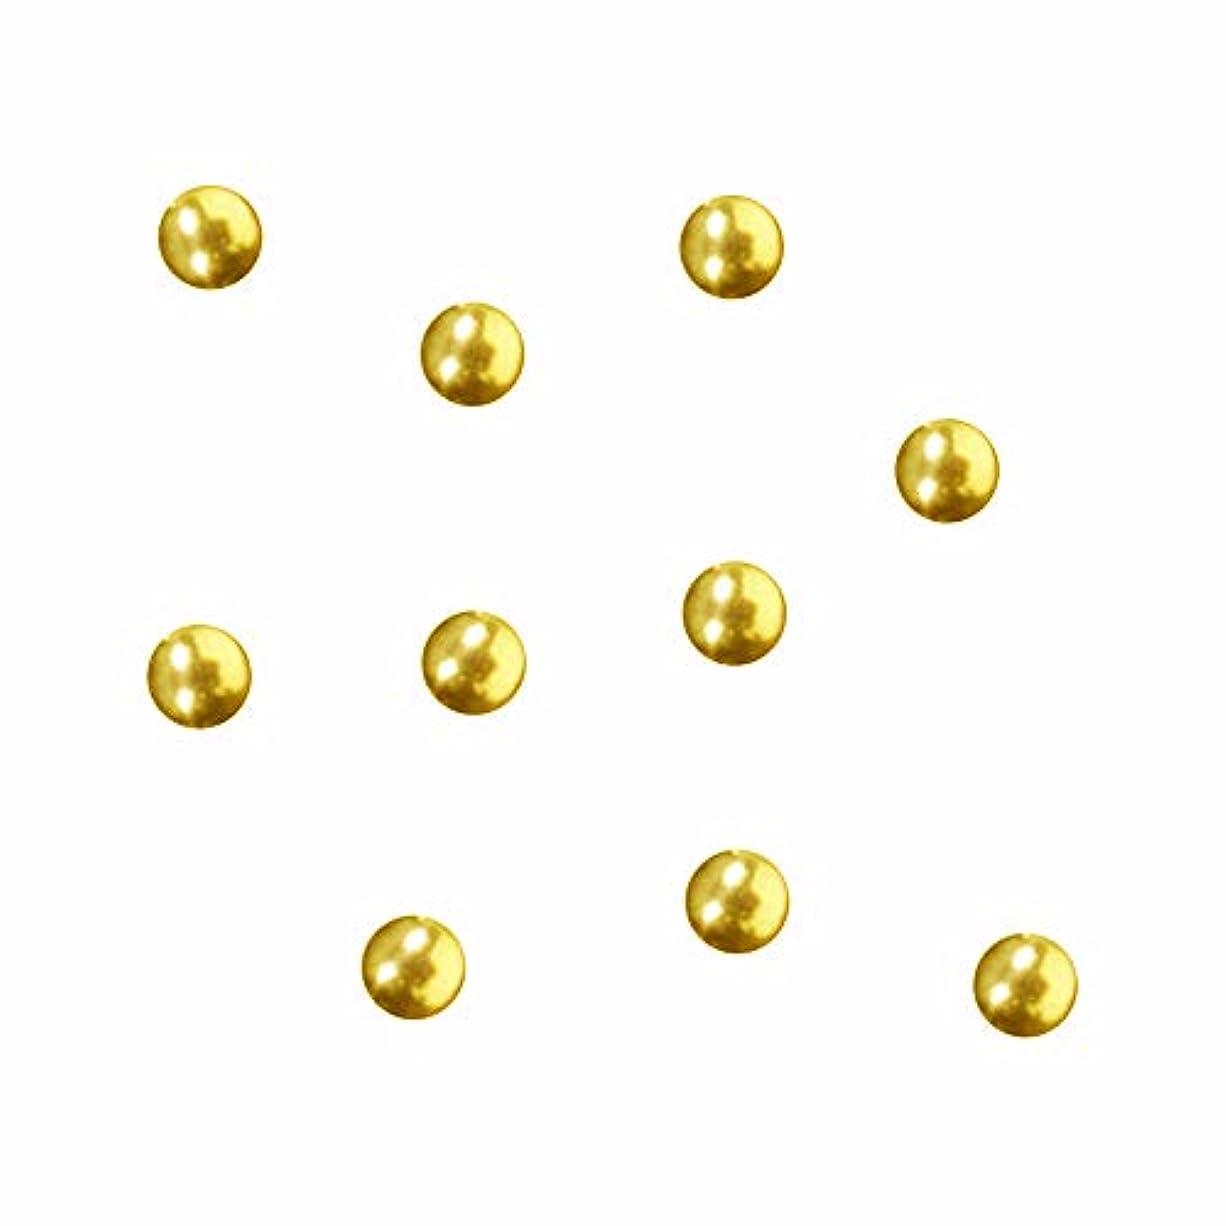 連続的崇拝する風刺SWAROVSKI (スワロフスキー) ラウンドメタル ゴールド 2.5mm 50P